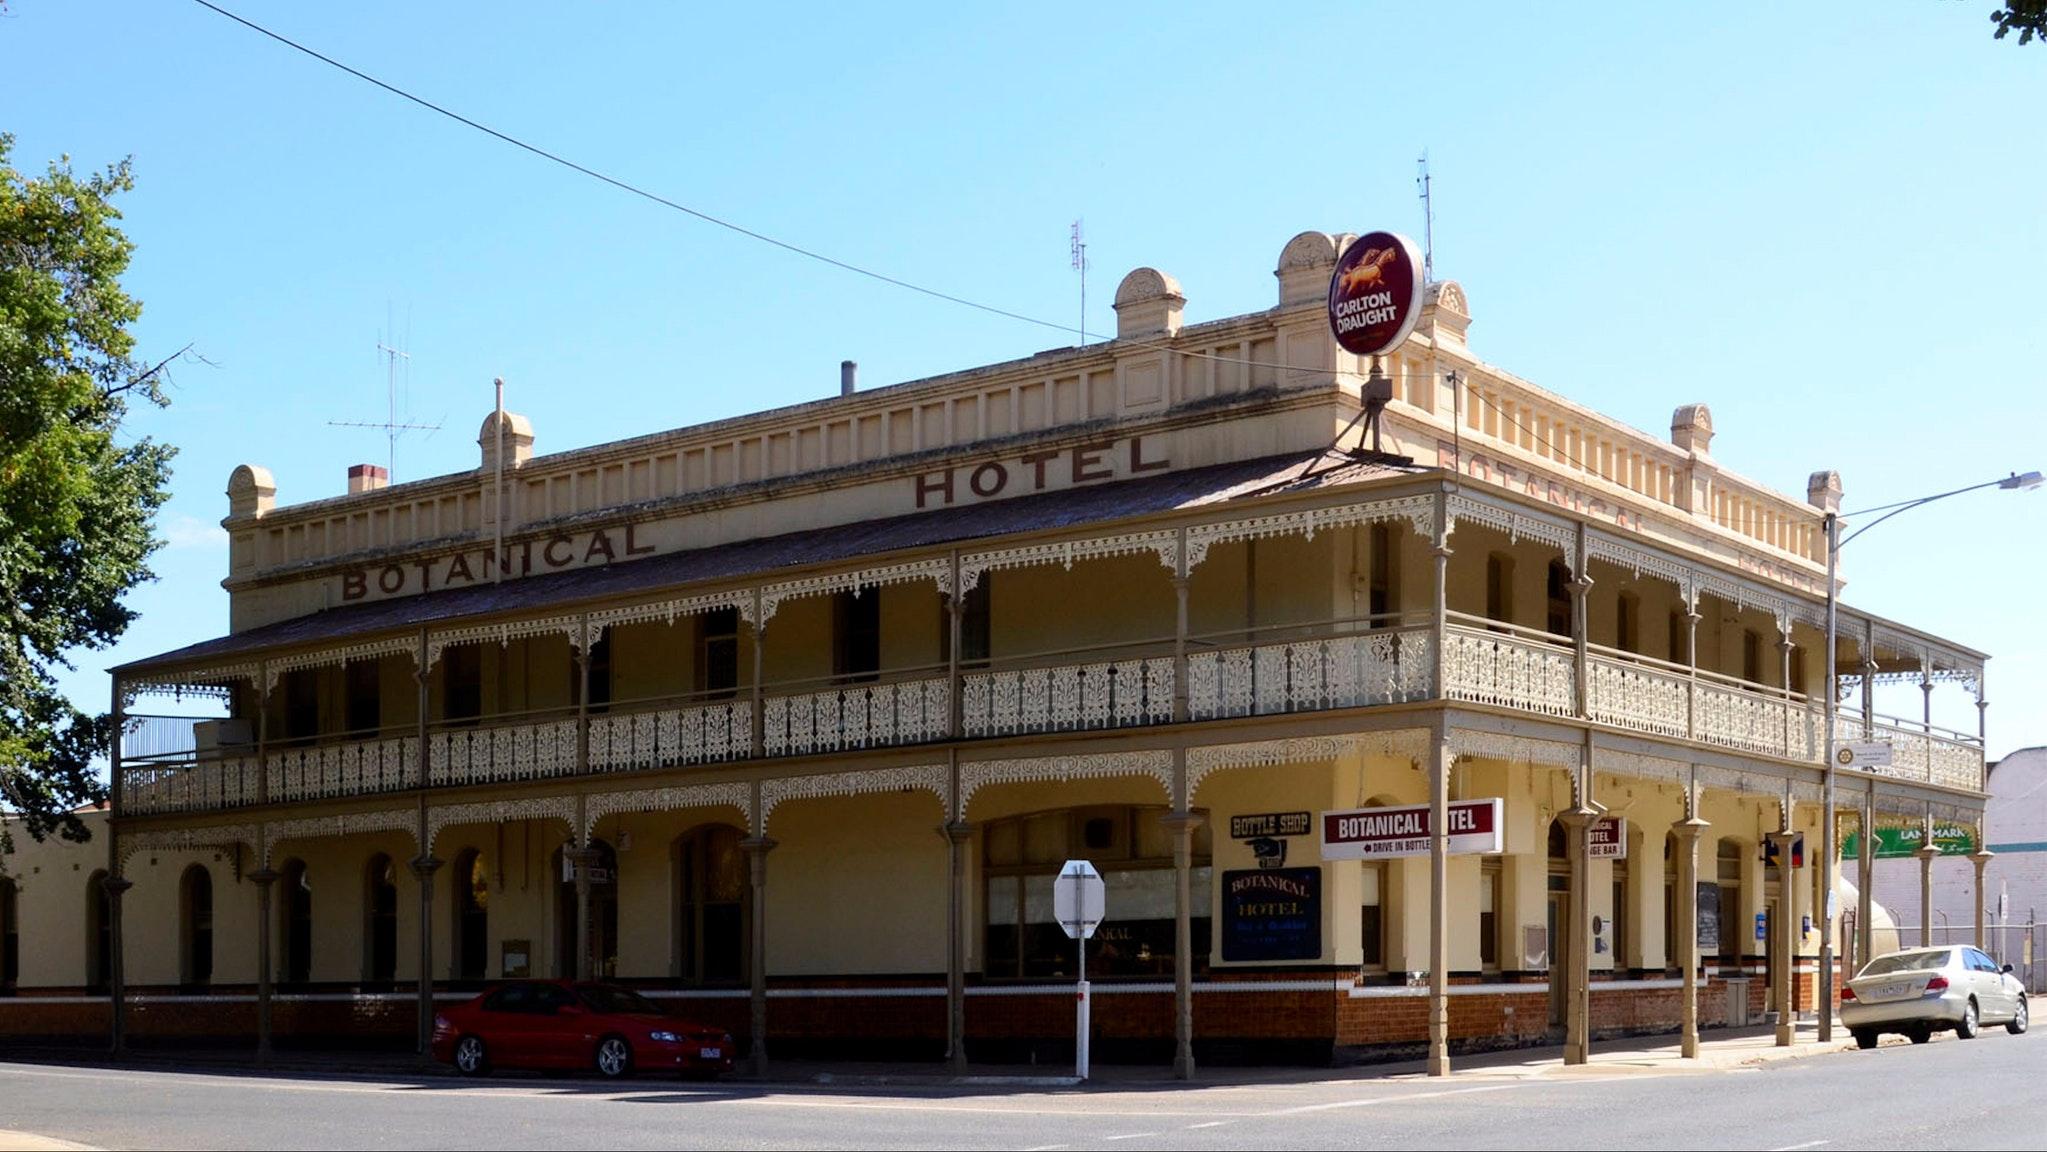 Botanical Hotel